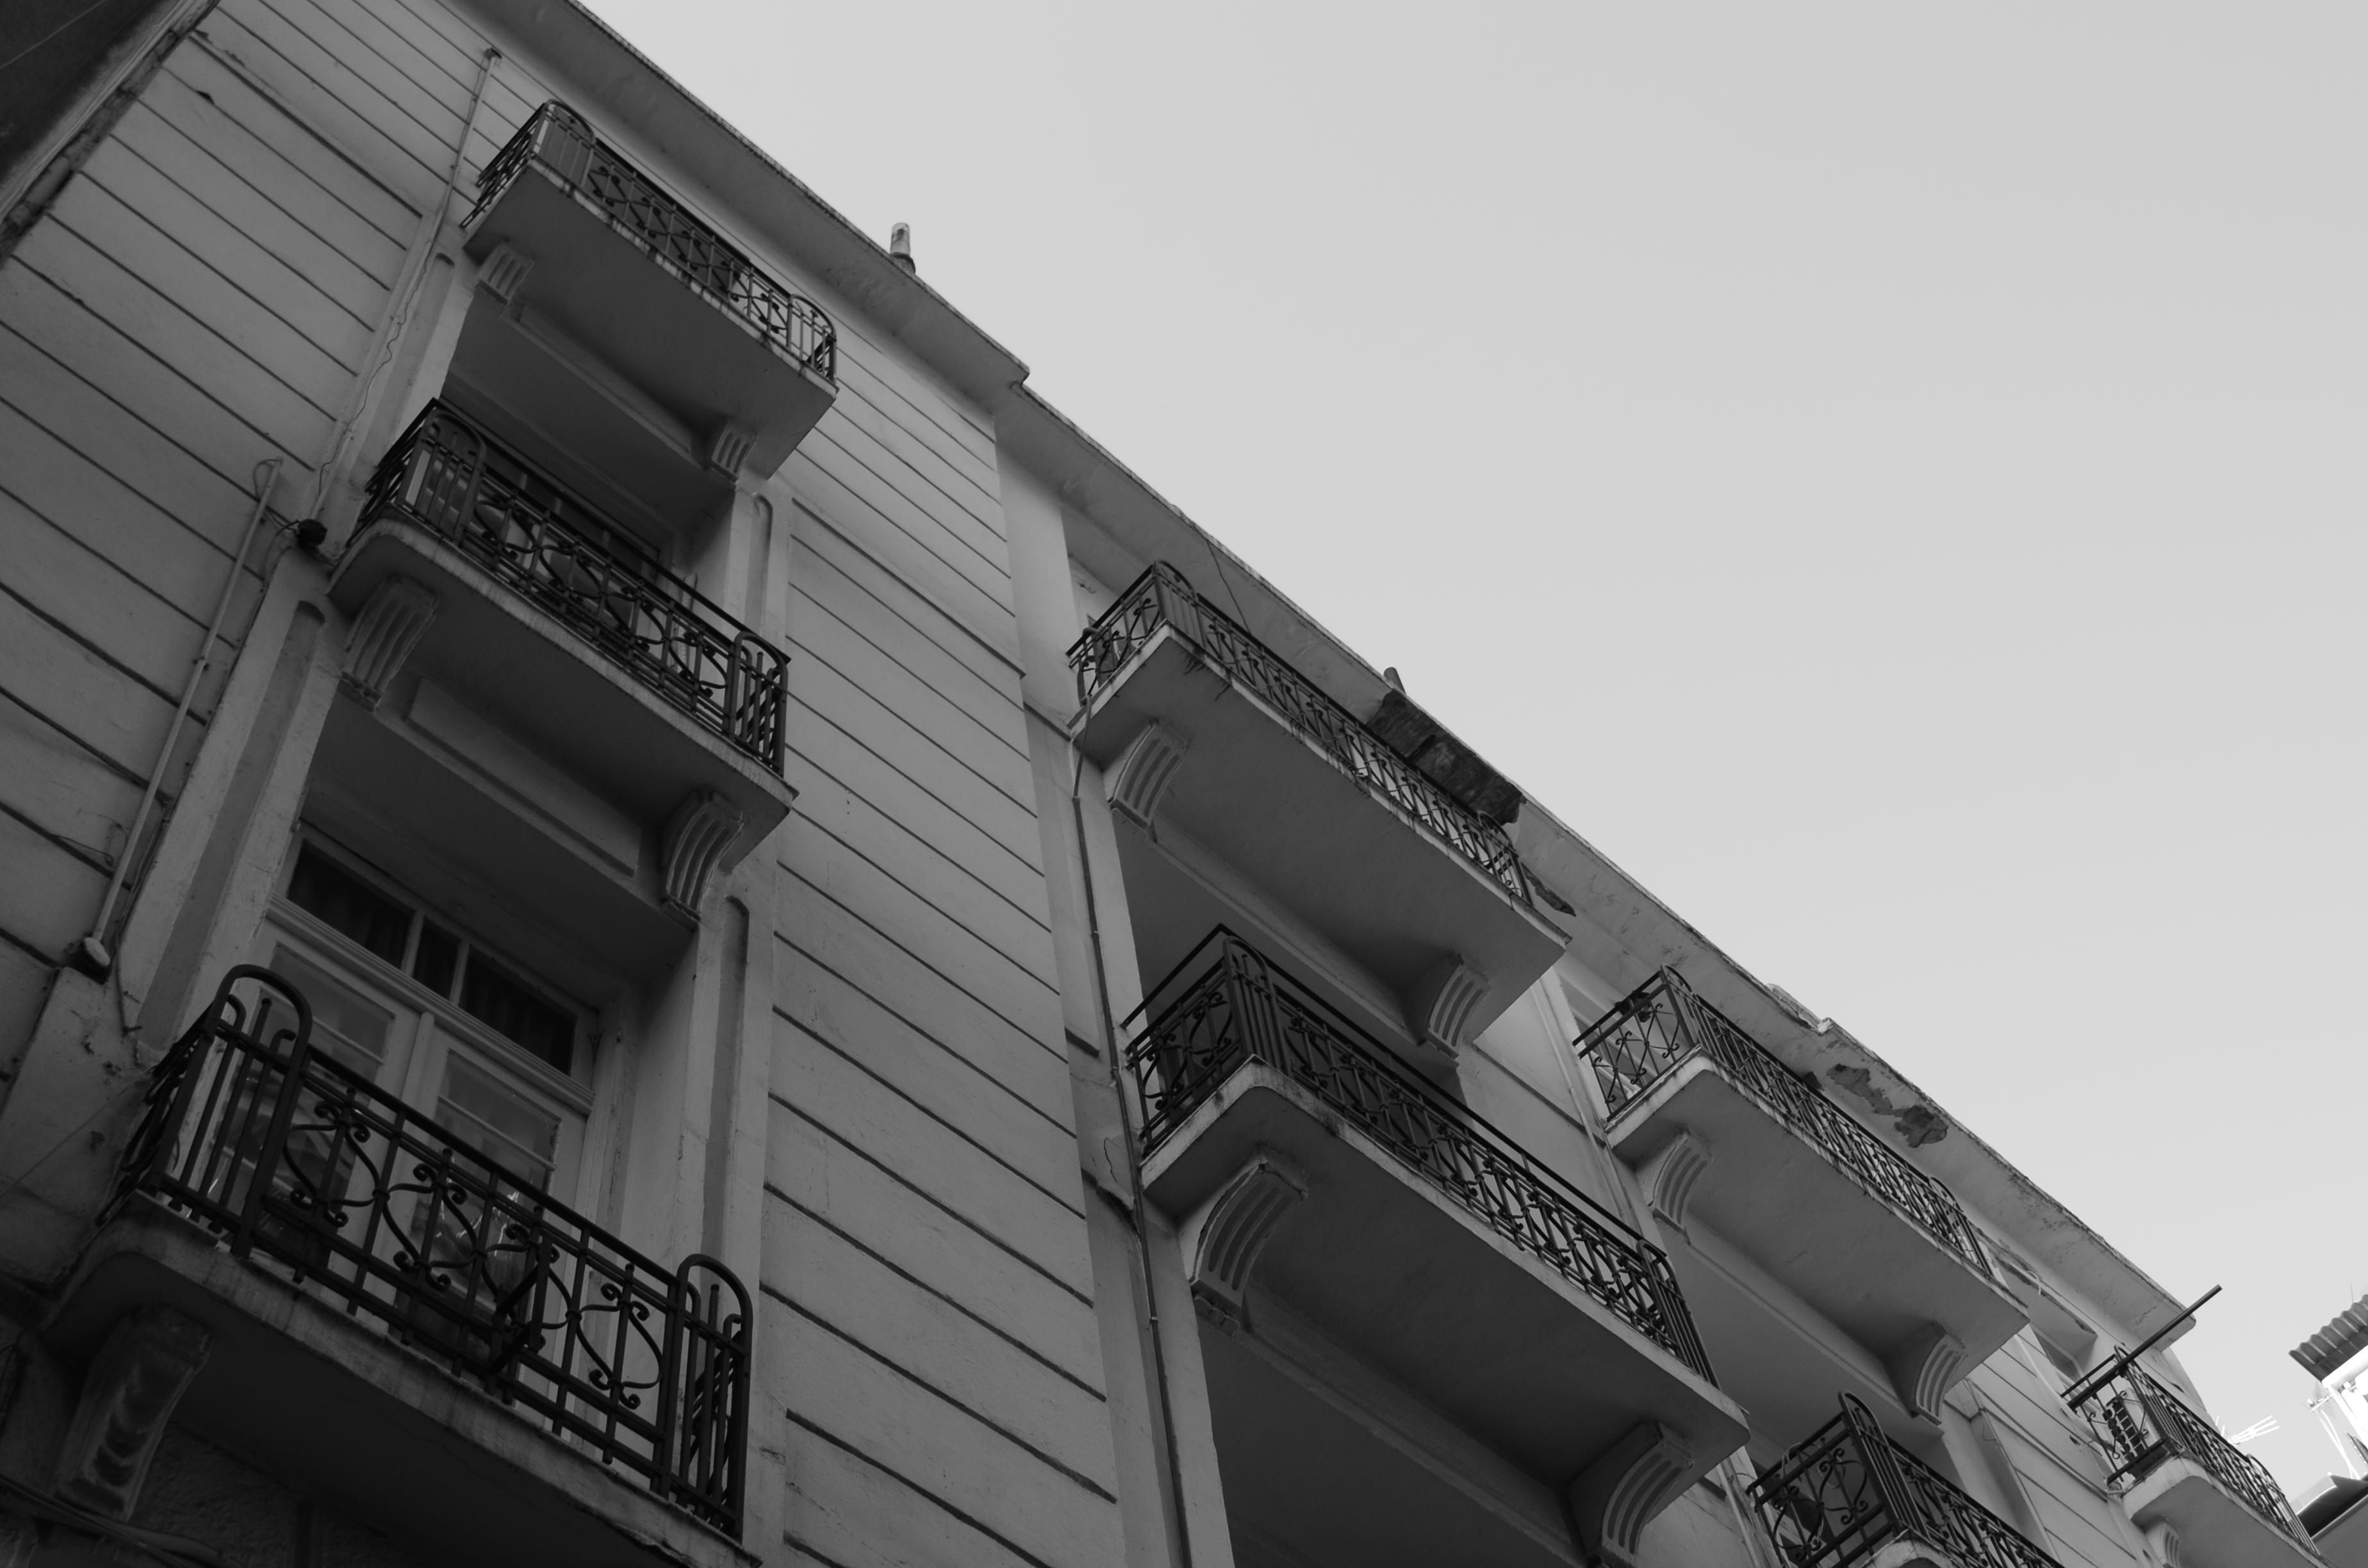 Πολυκατοικία στη Λασσάνη.